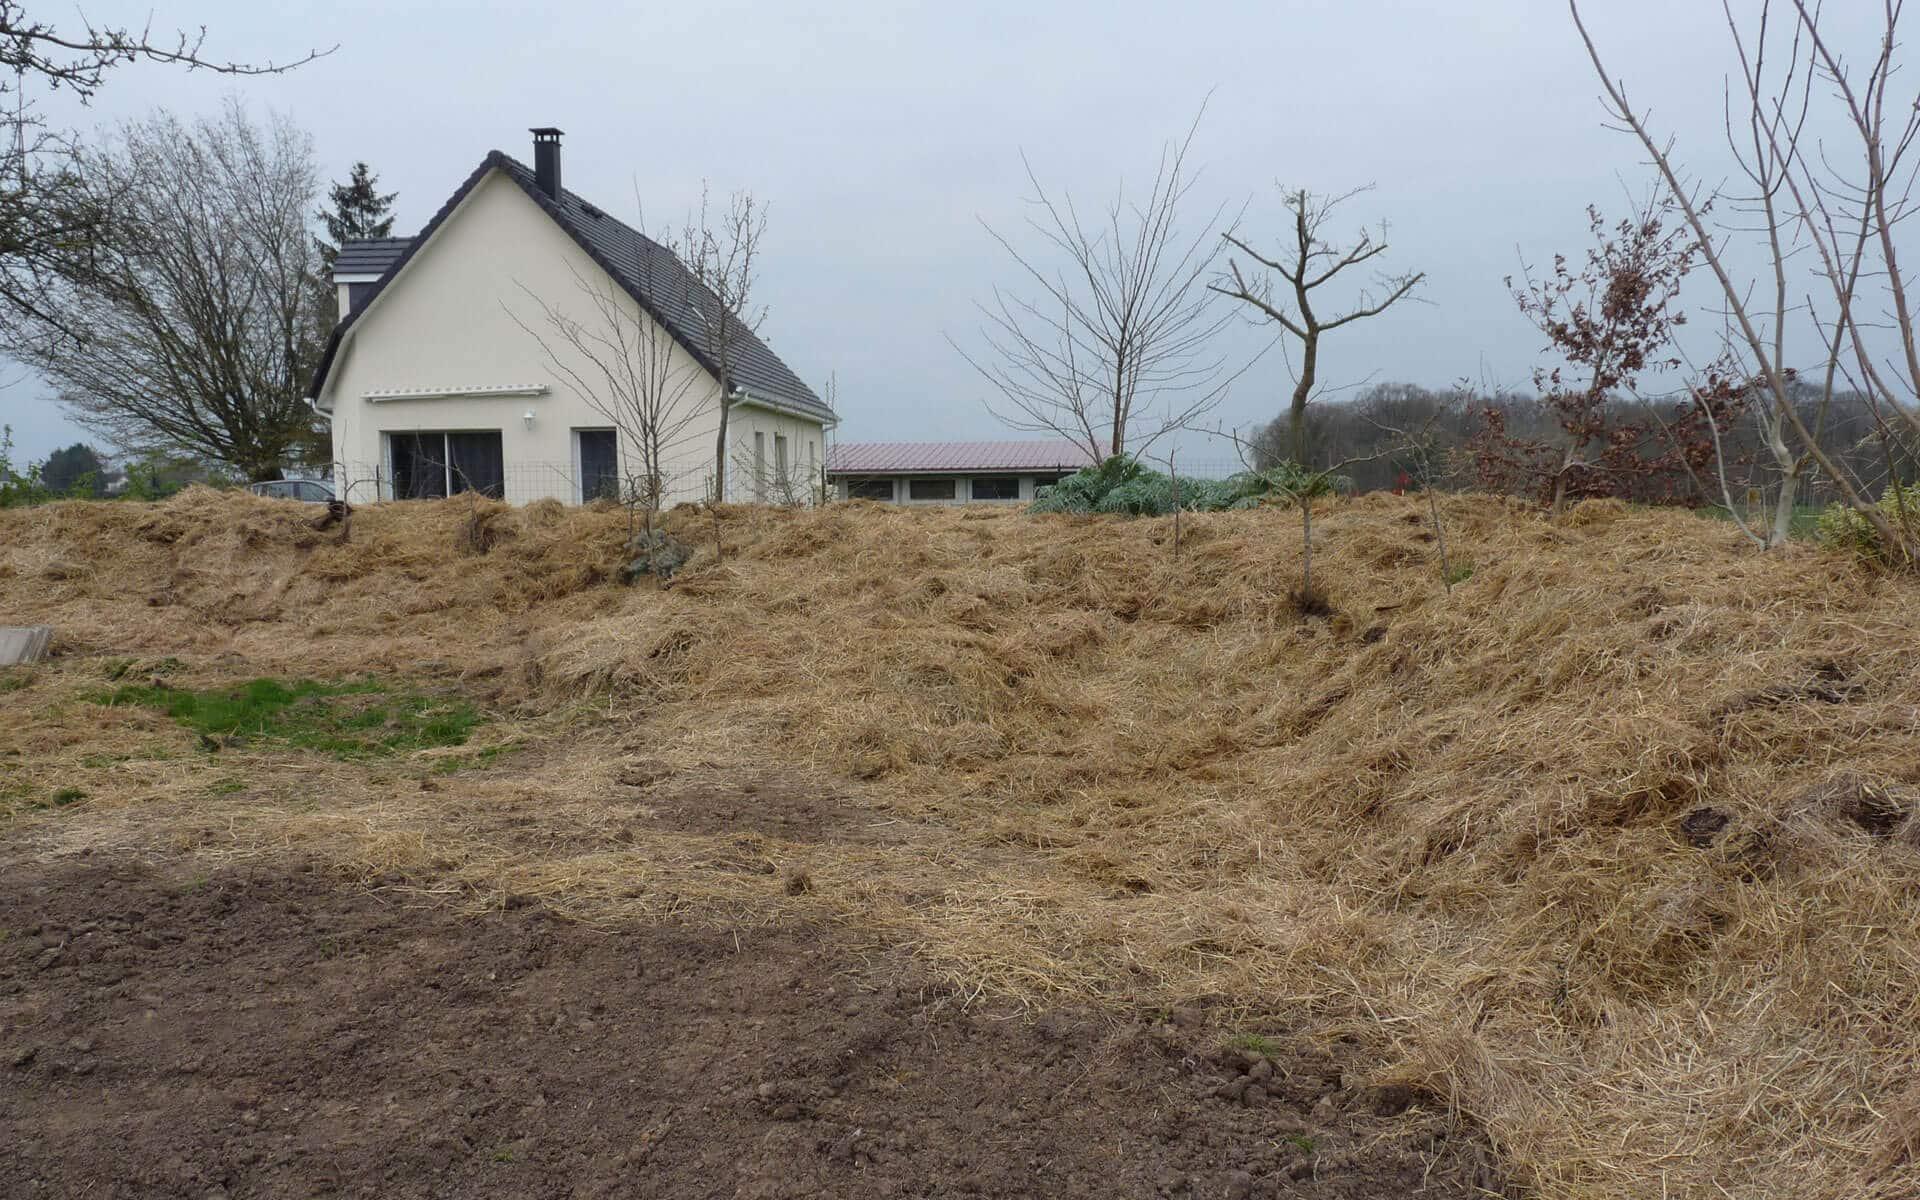 Buttes en périphérie du terrain couvertes de broyat de bois et de foin